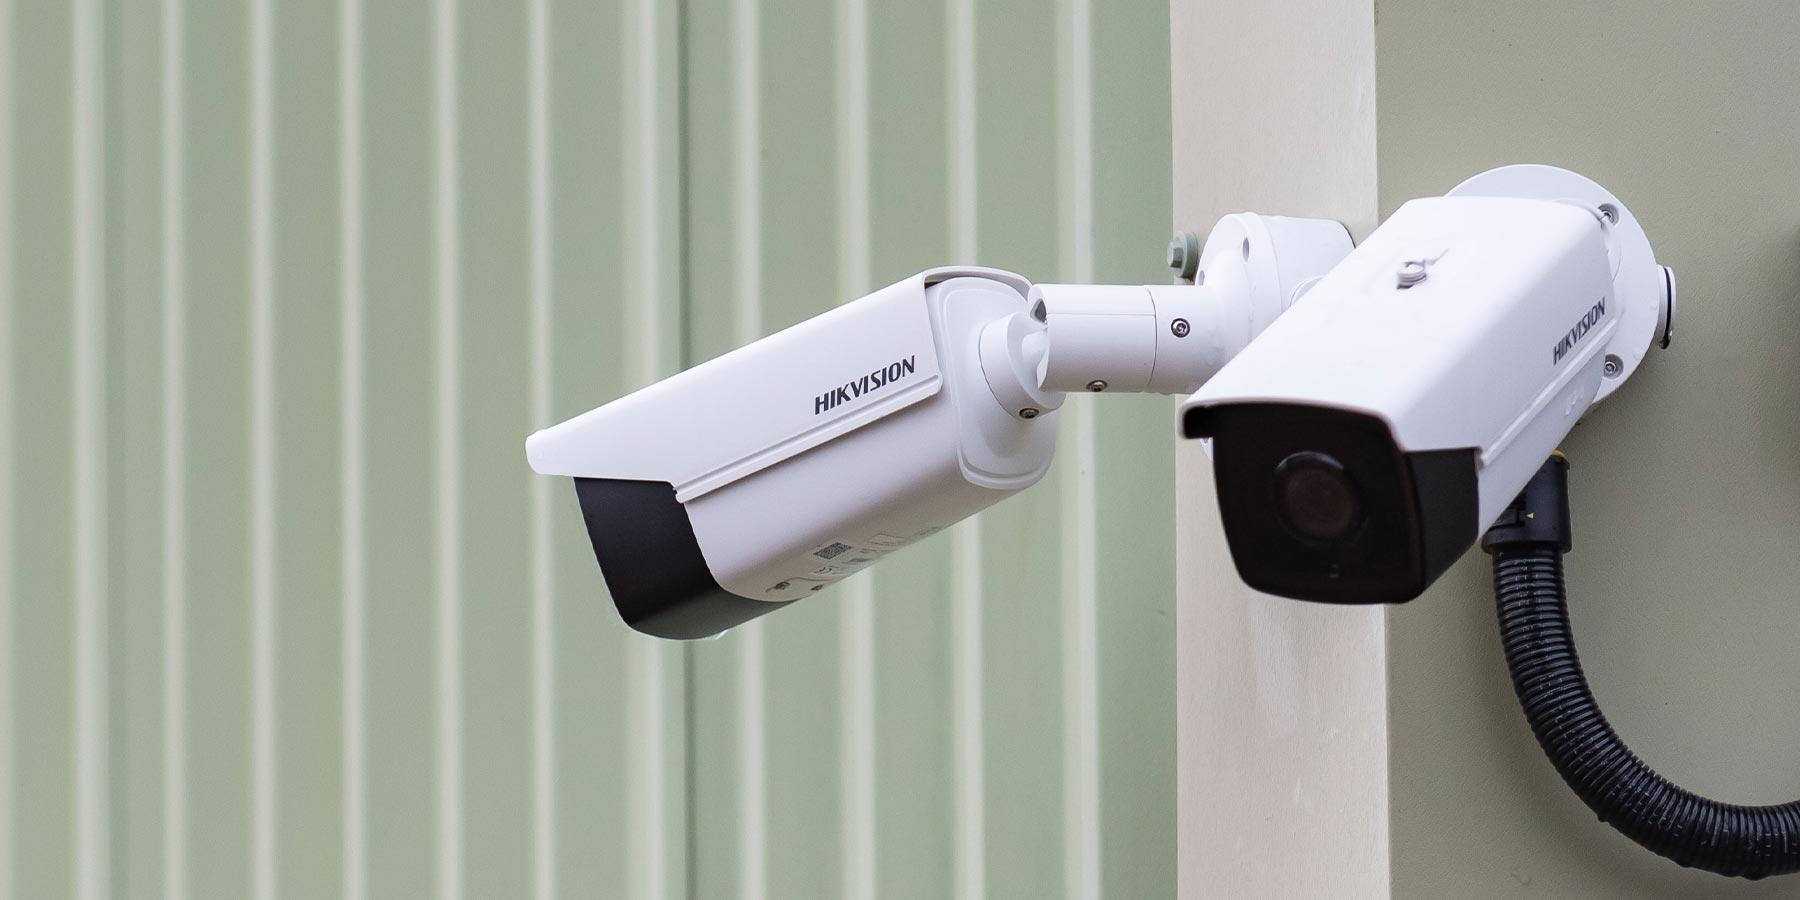 نگهداری و استفاده از دوربین امنیتی